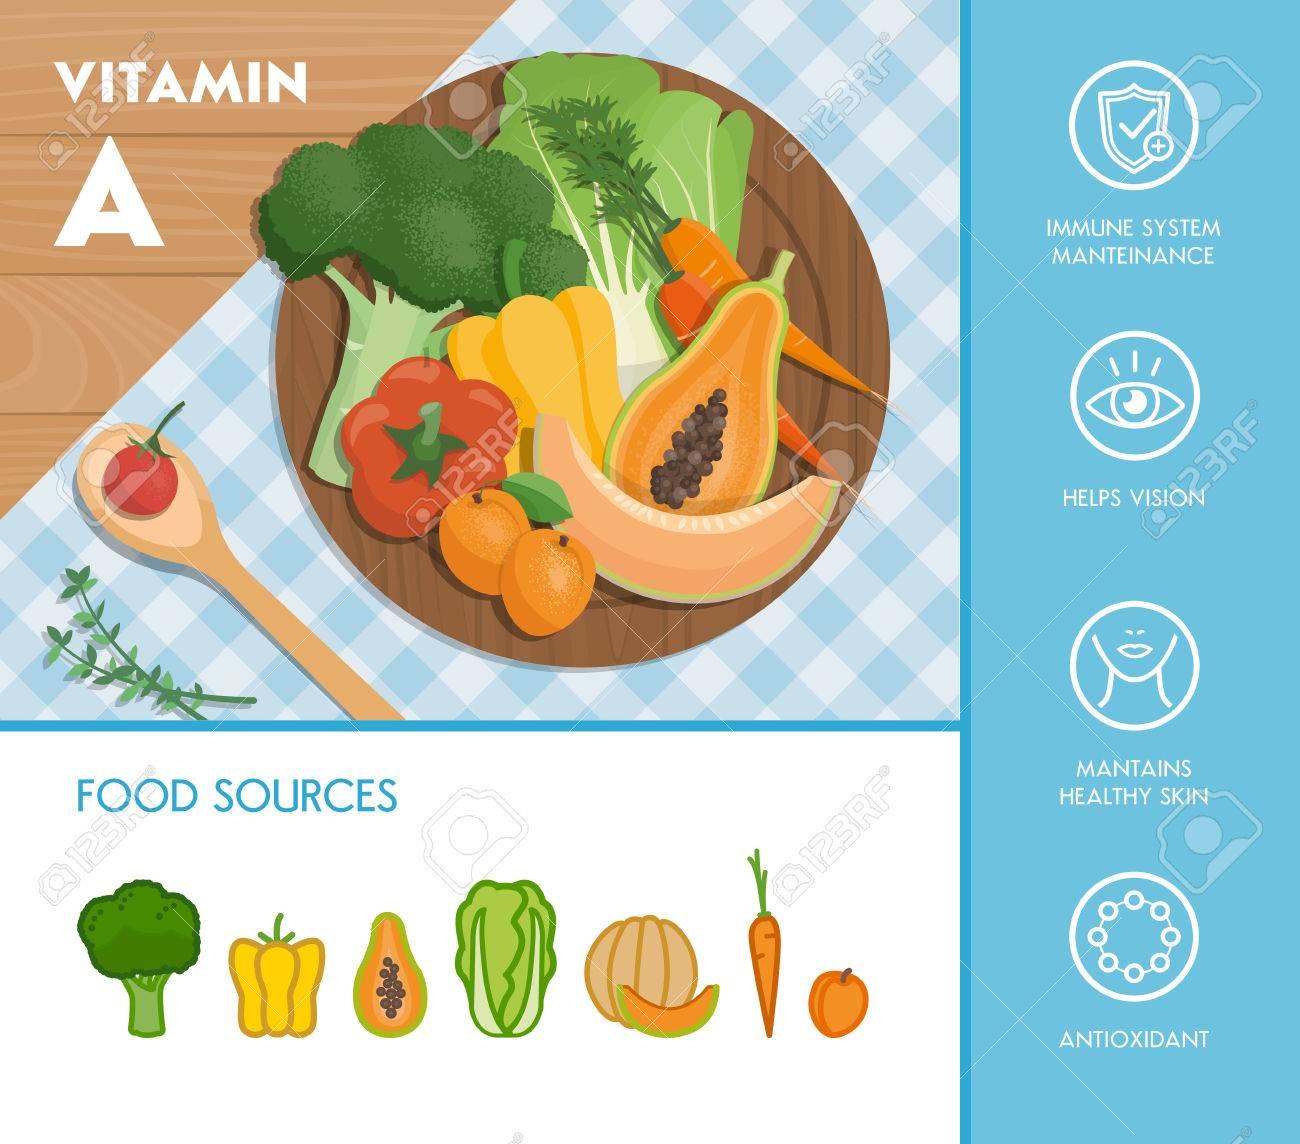 frutas y verduras con vitaminas a b c d e